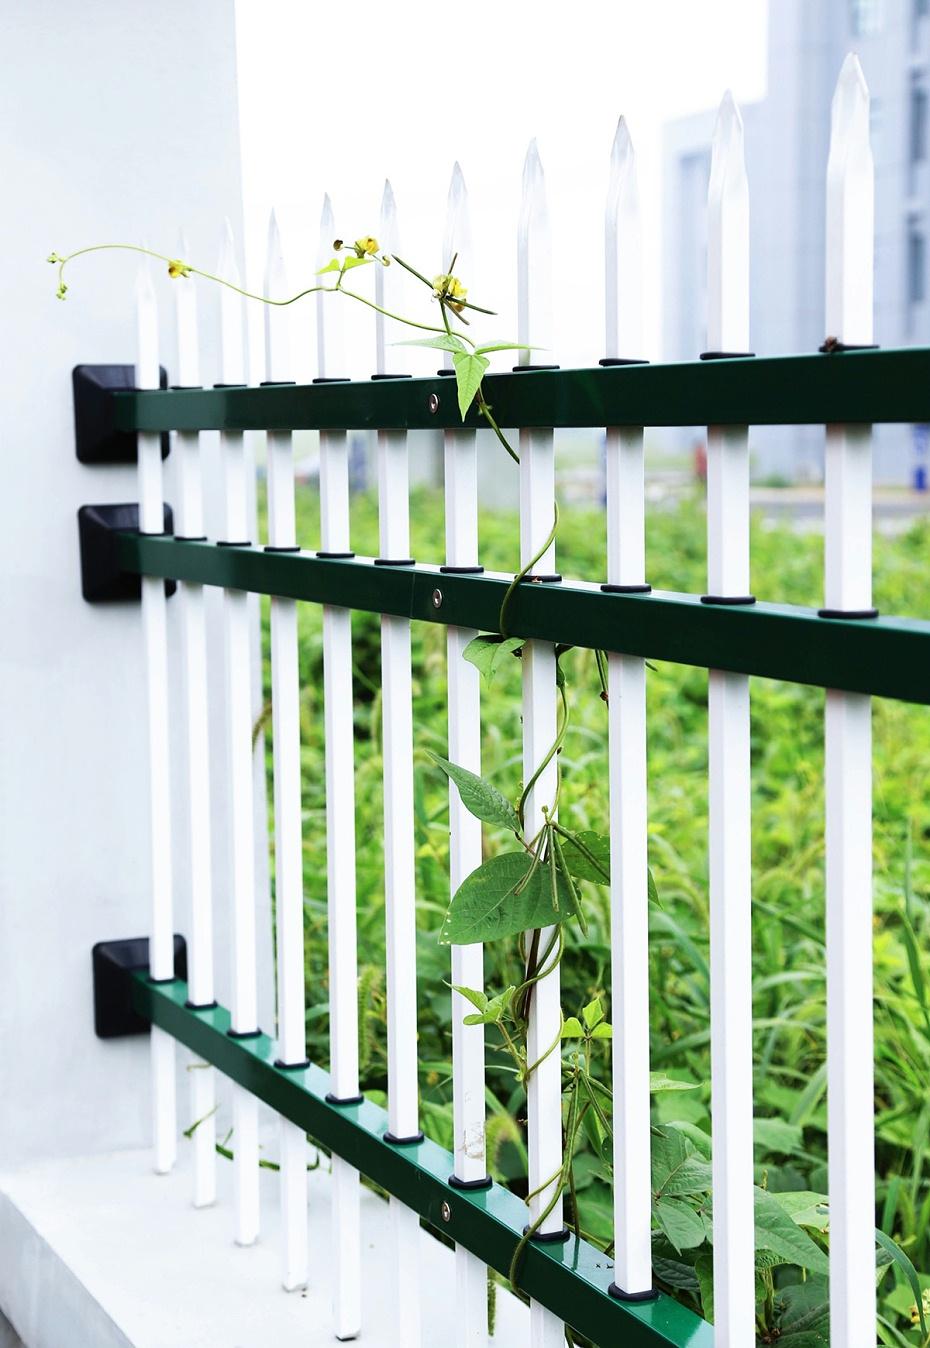 锌钢围墙护栏-016-1_副本0.2